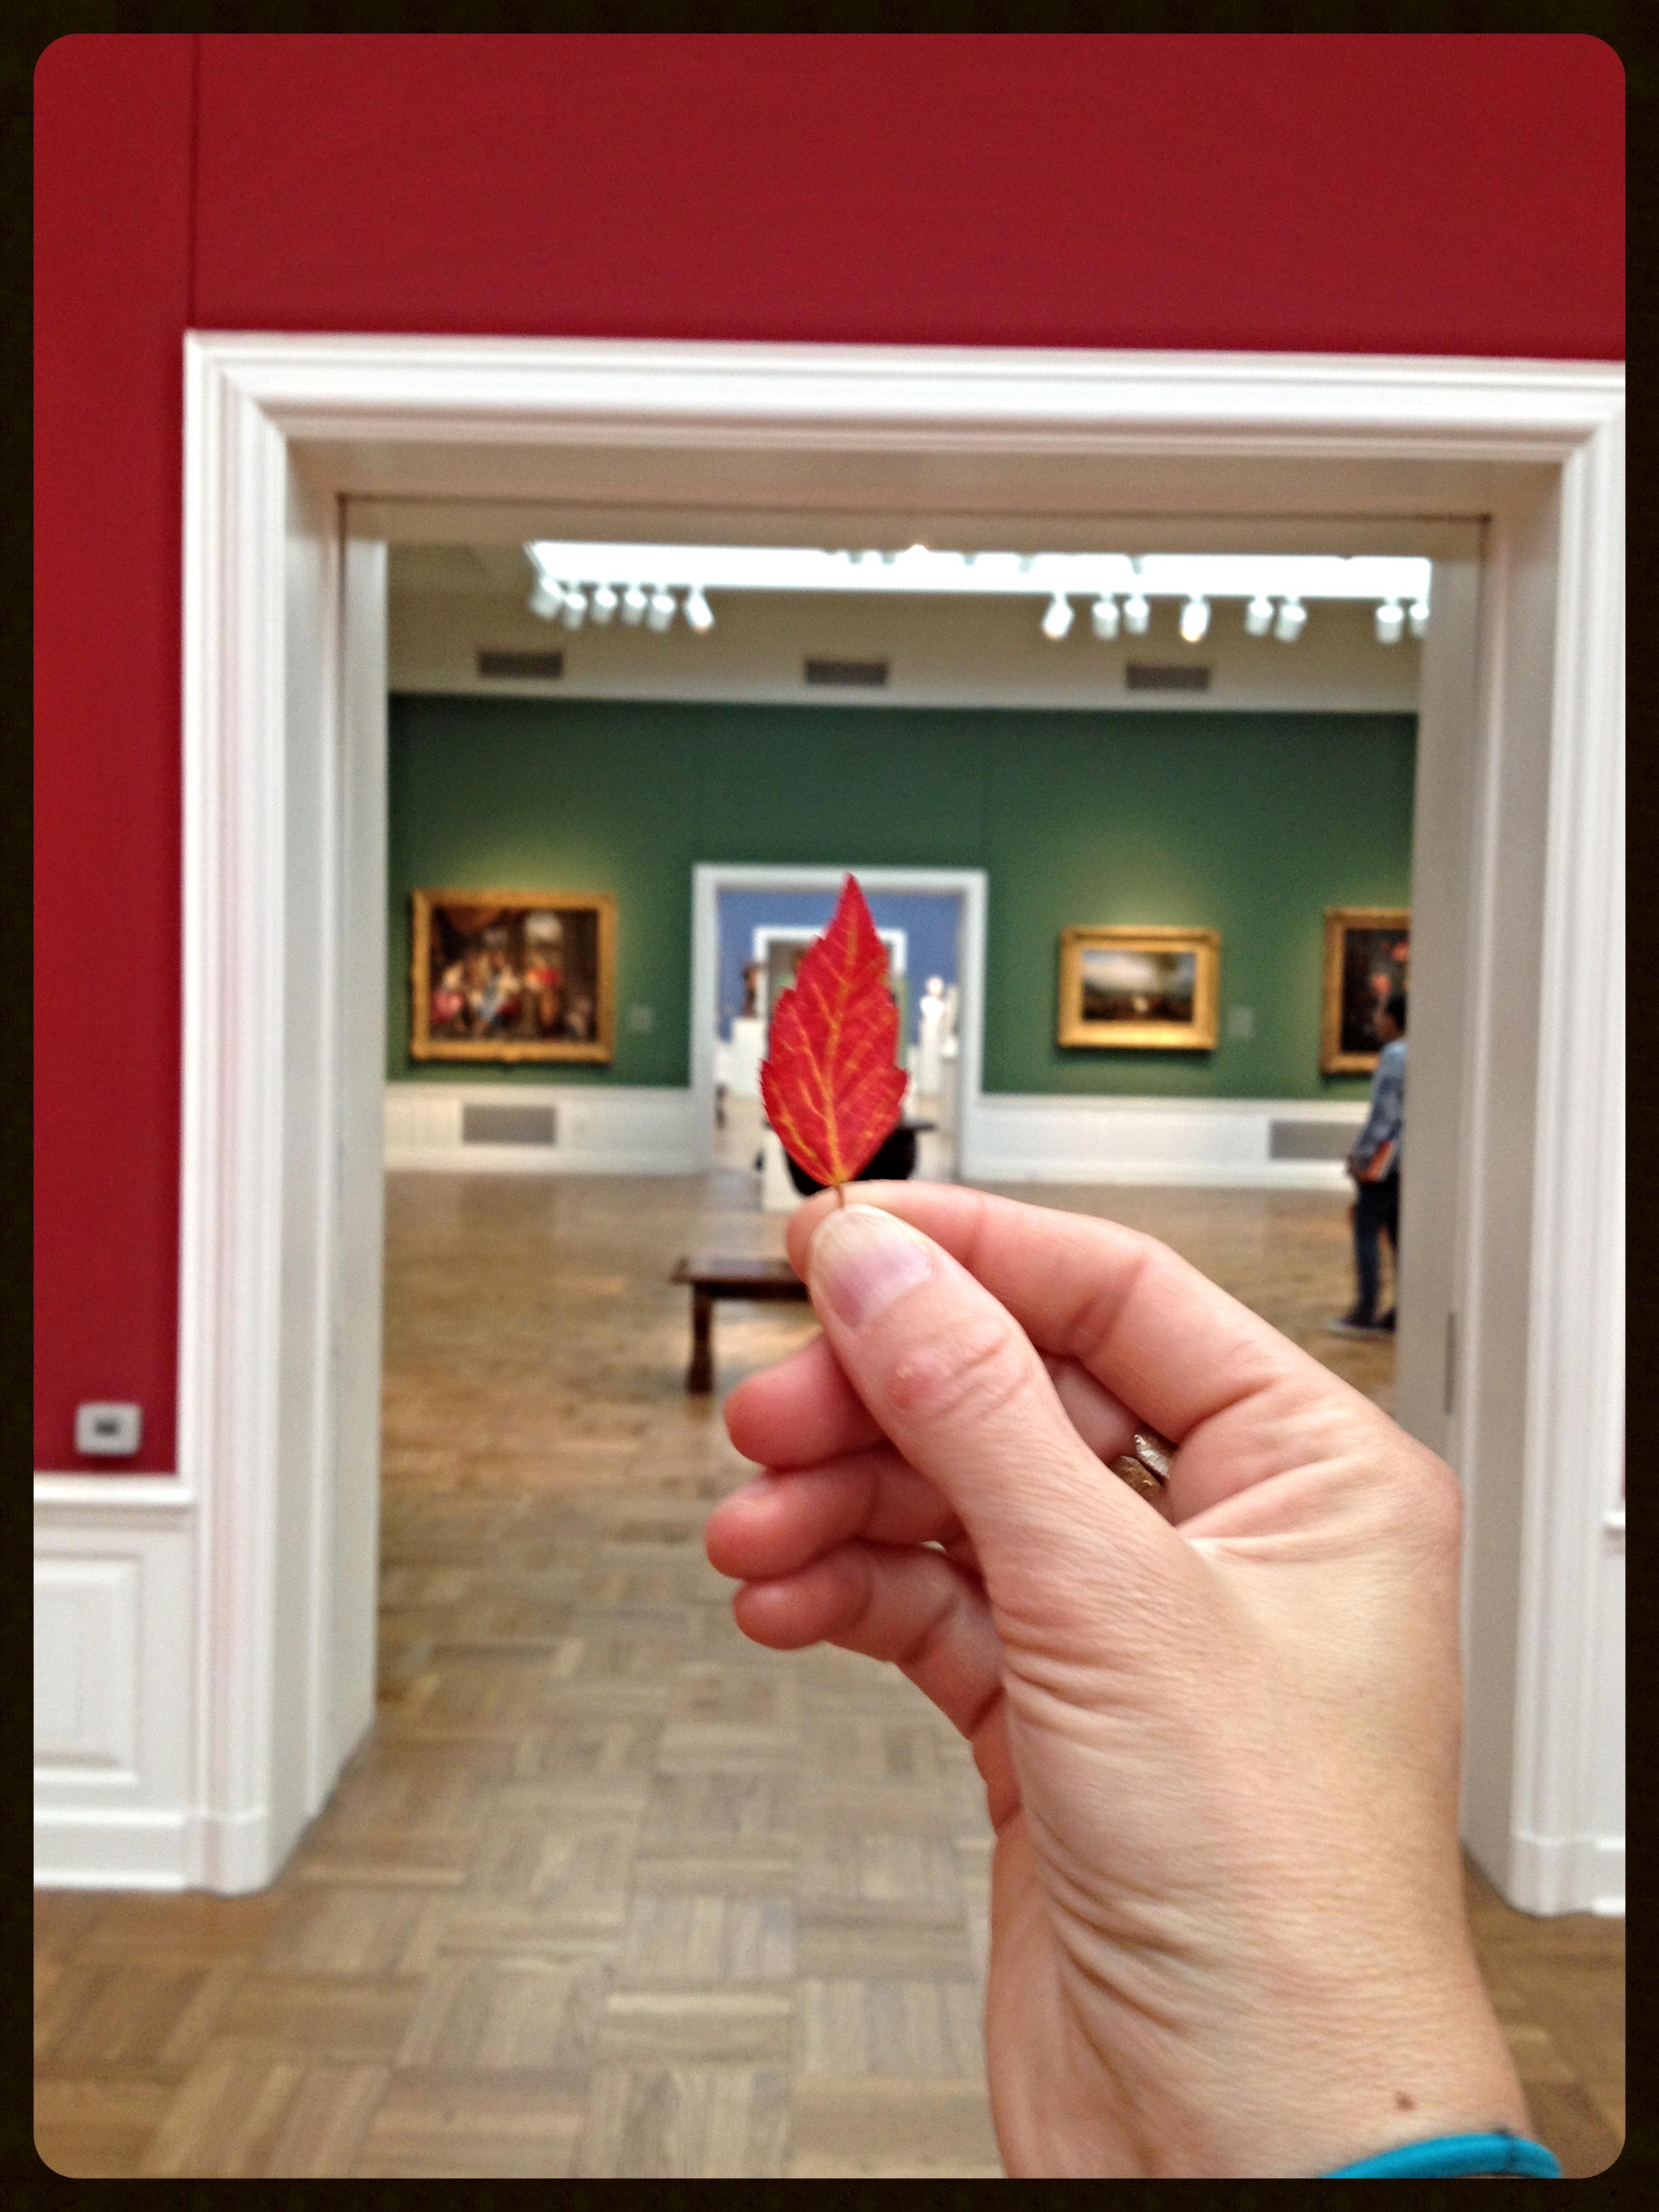 Orphan red leaf views 18th century European art